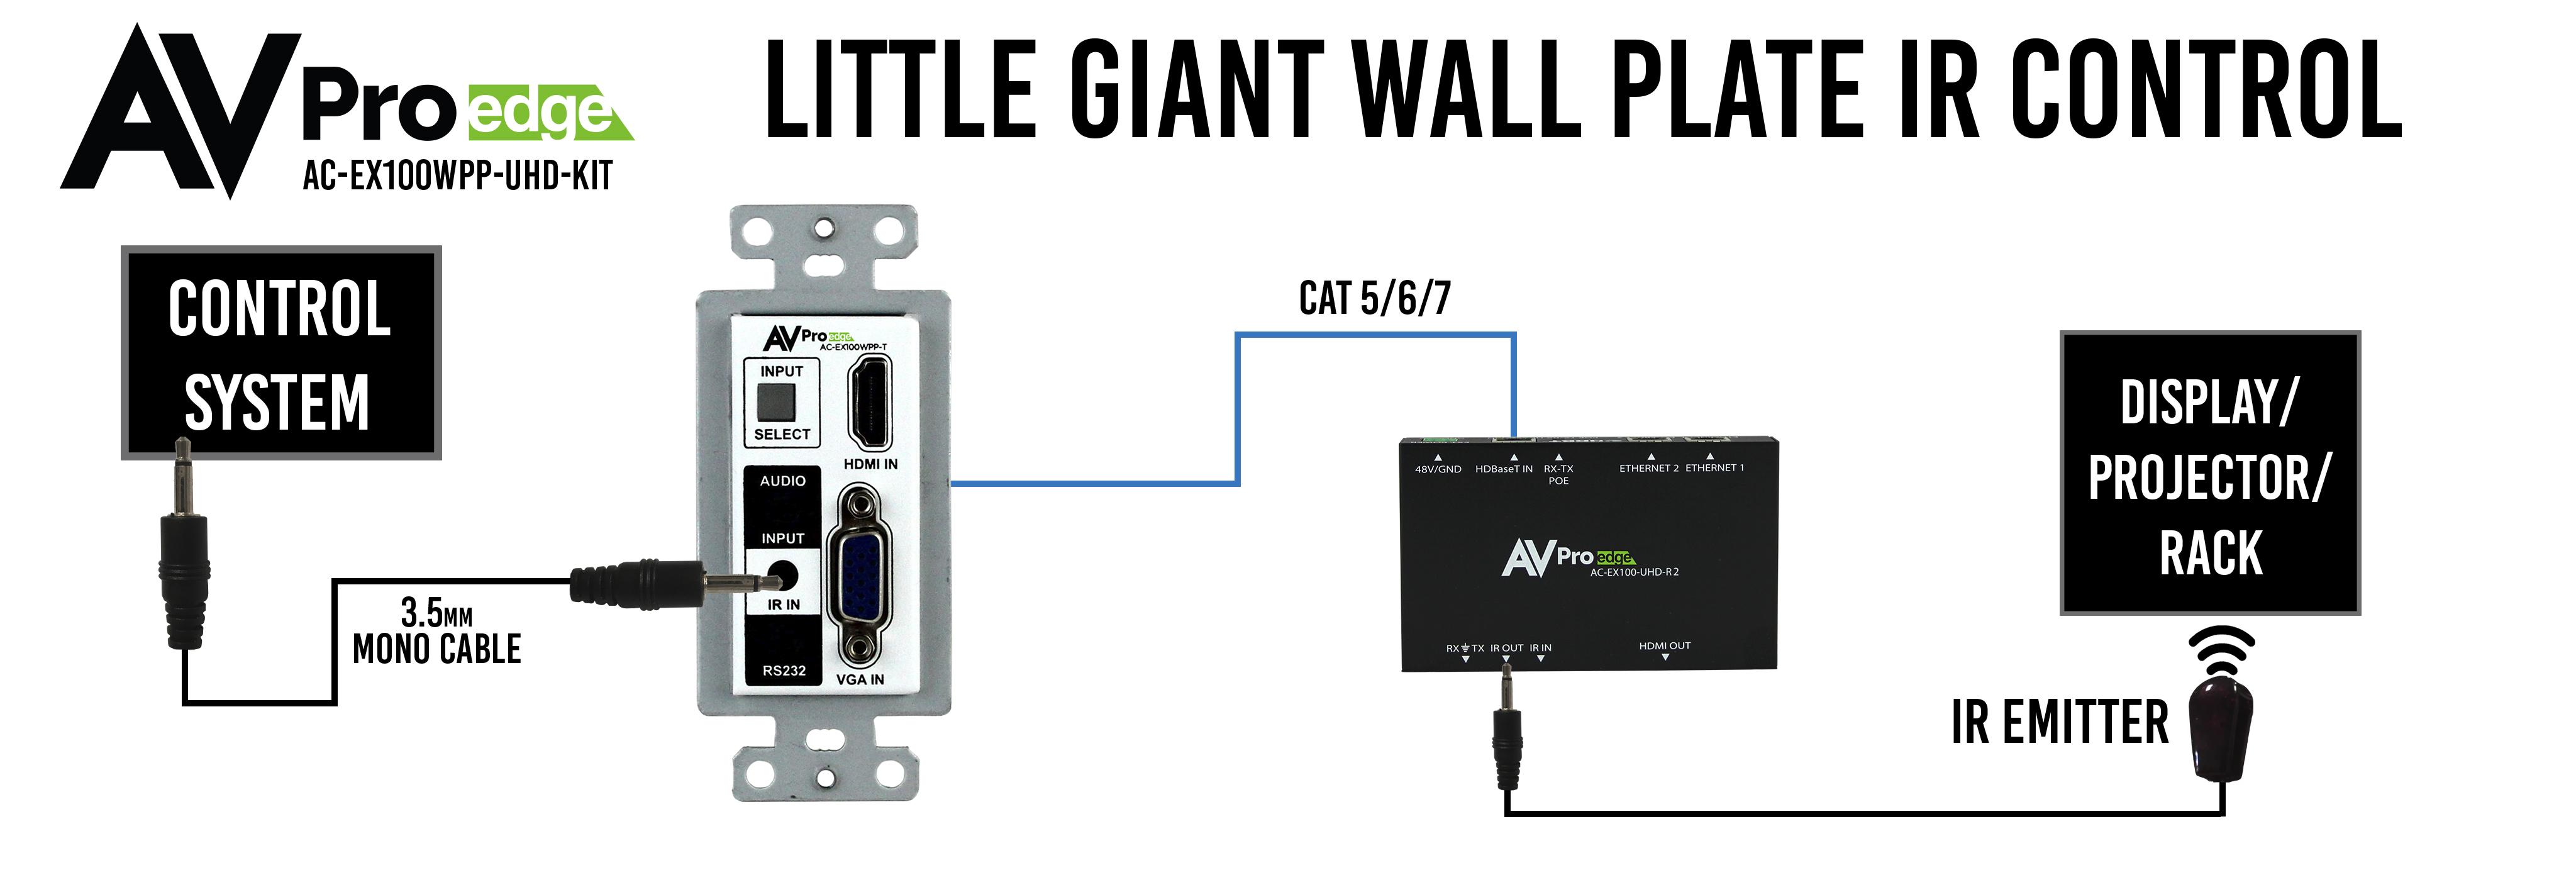 avpro edge 100 meter wall plate hdmi extender via hdbaset